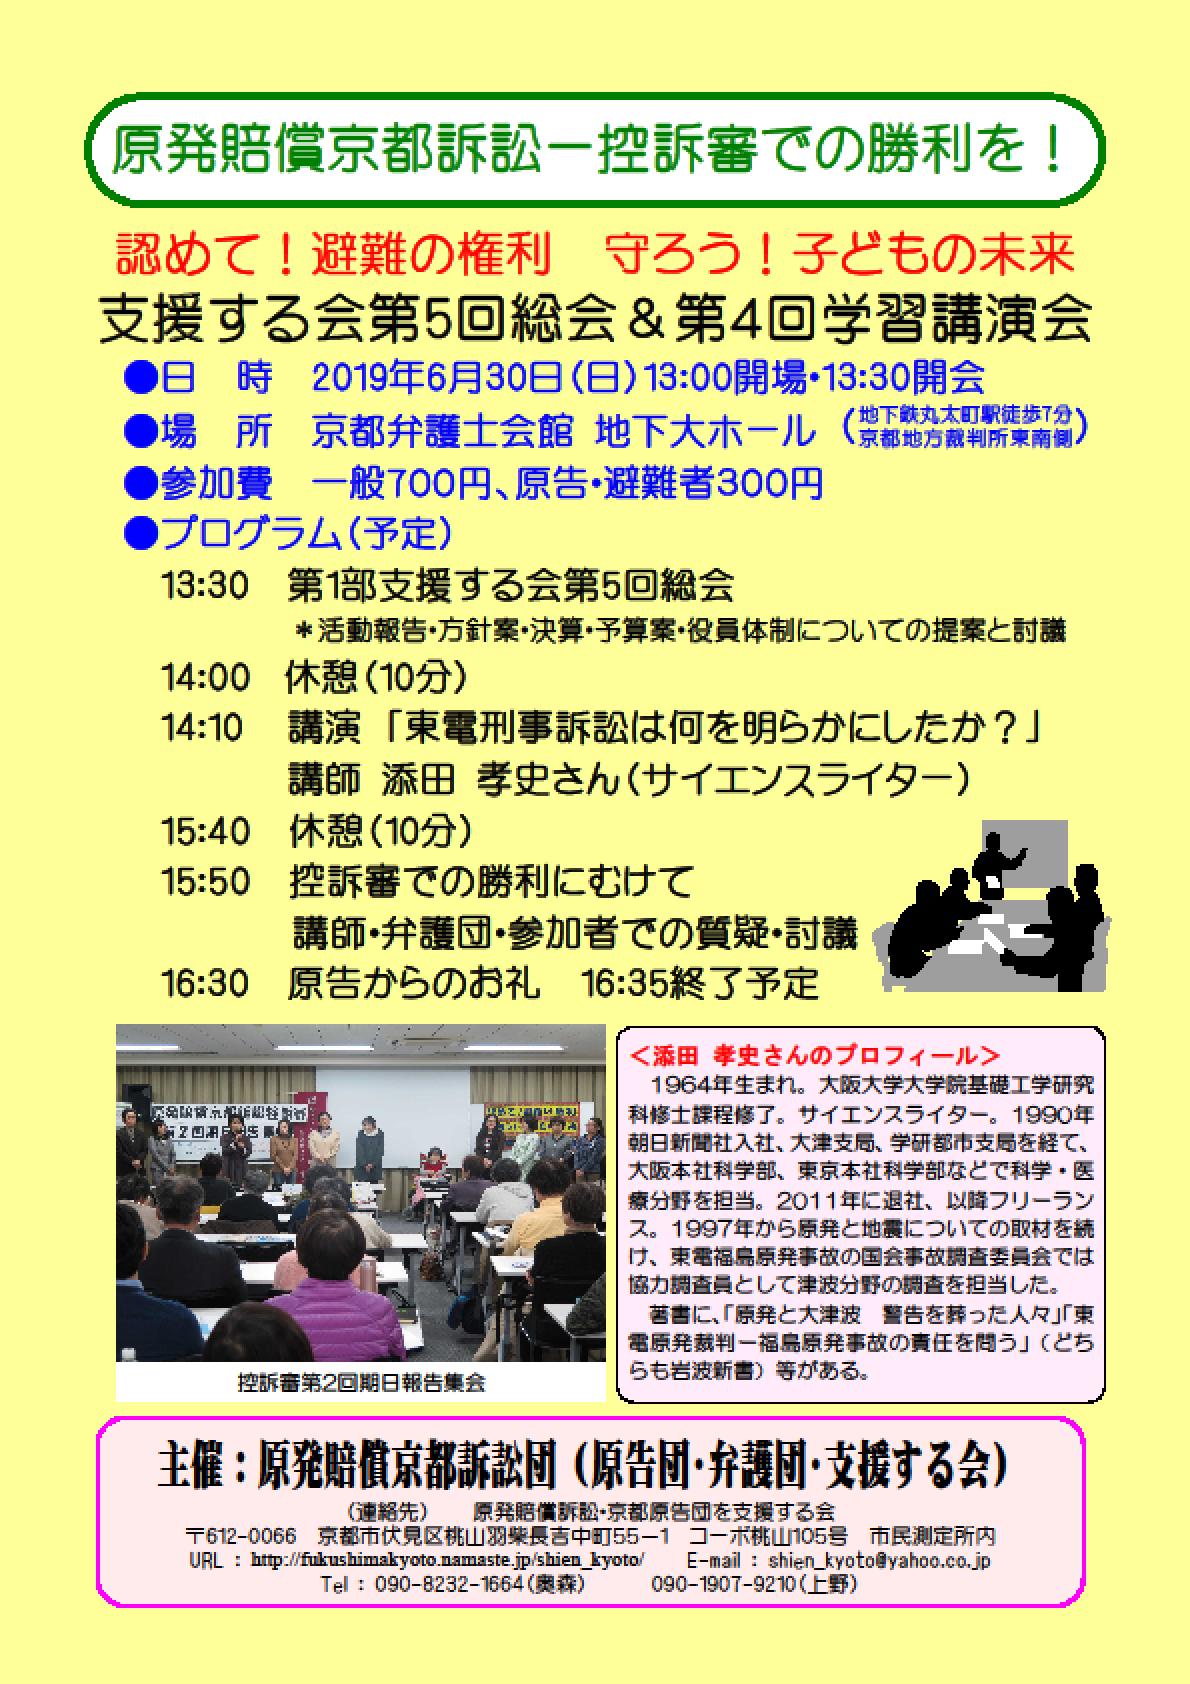 京都訴訟関係のリーフレット、ビラを掲載します_e0391248_09560671.png